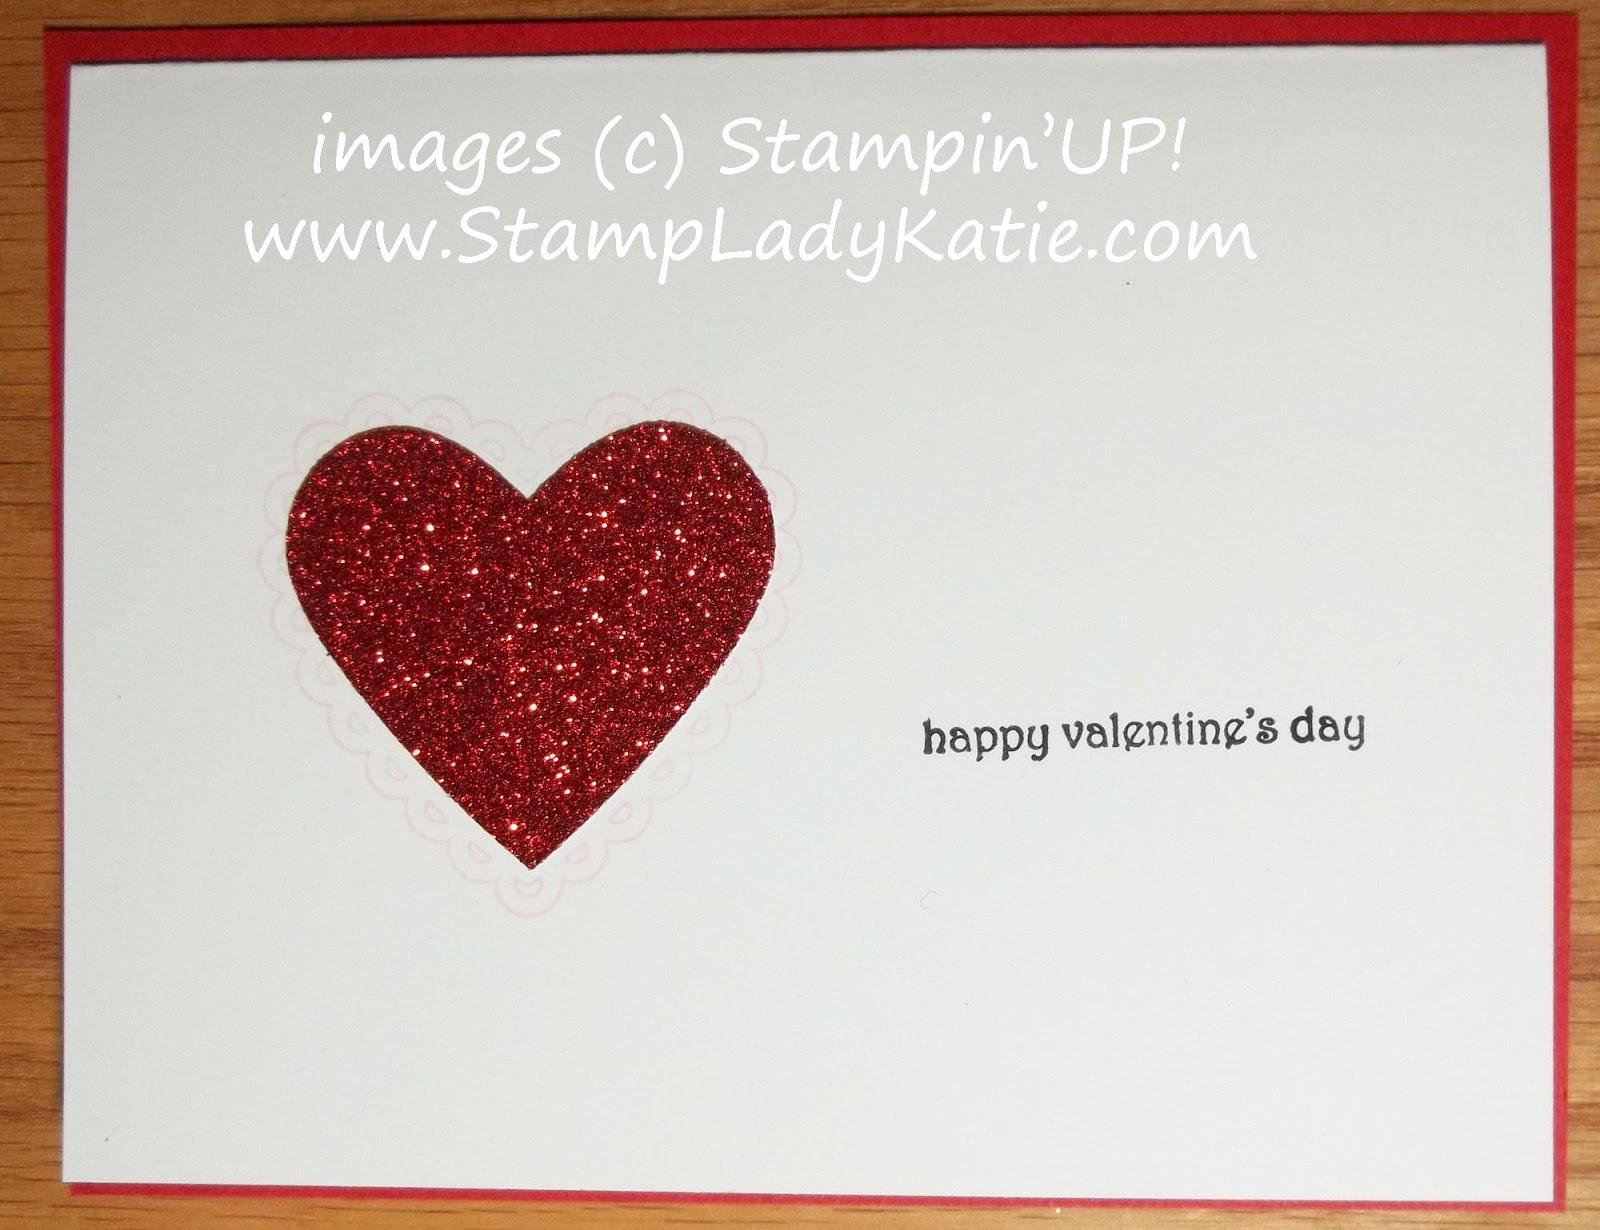 Stampladykatie anniversary valentine card